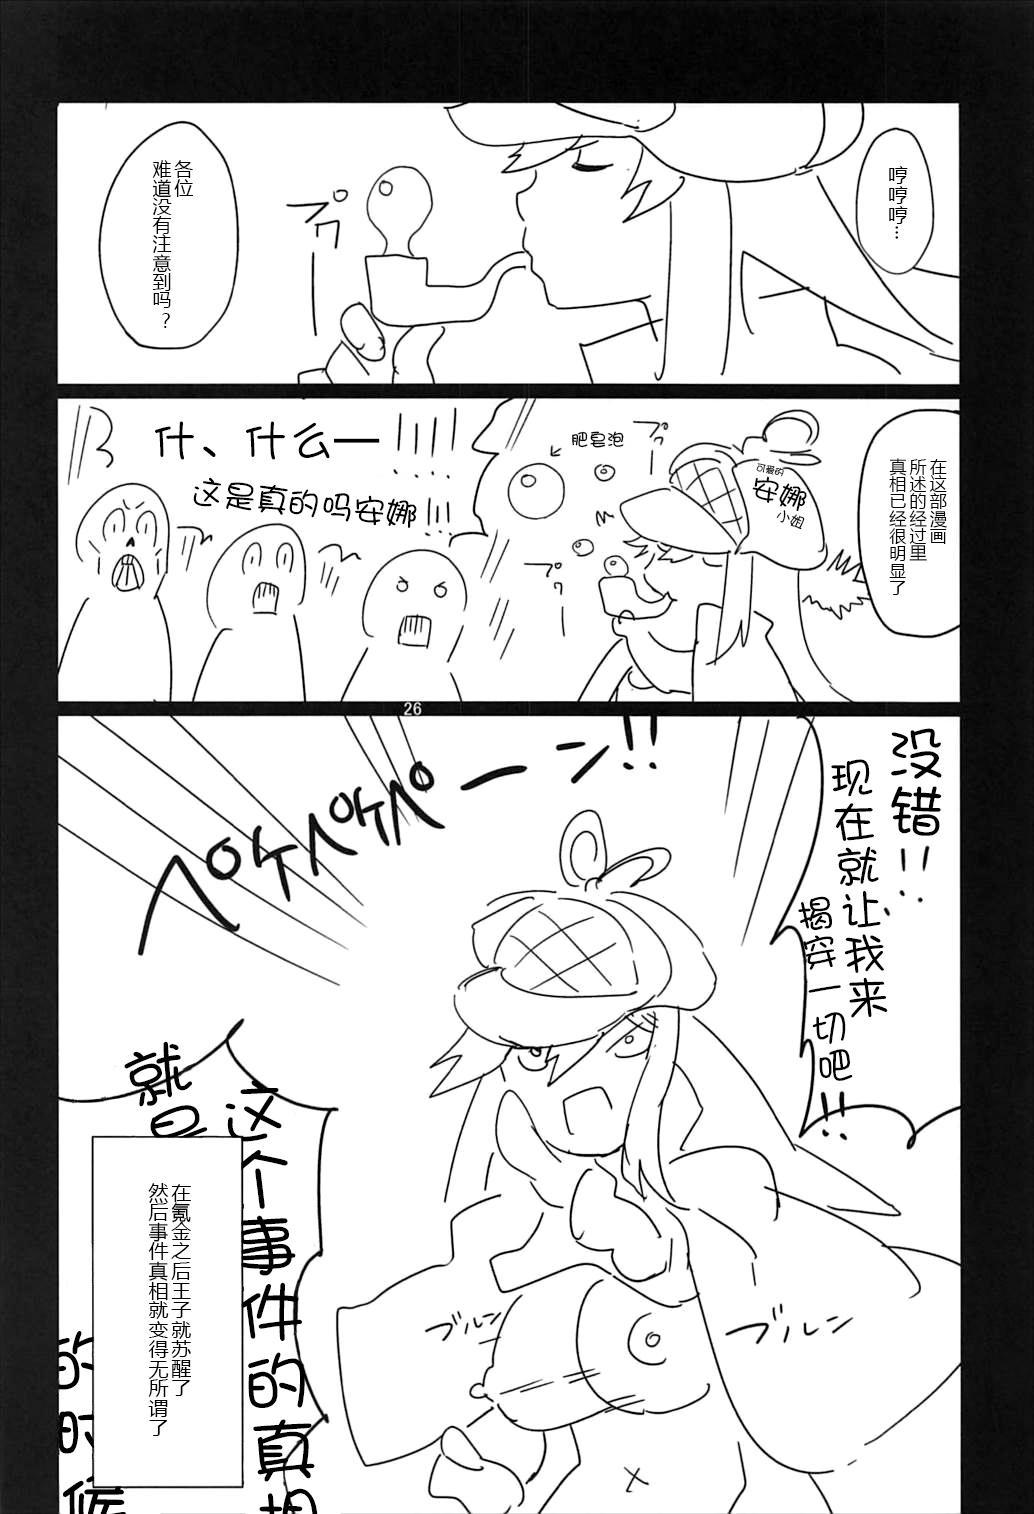 Dina-chan no Erohon 4 27